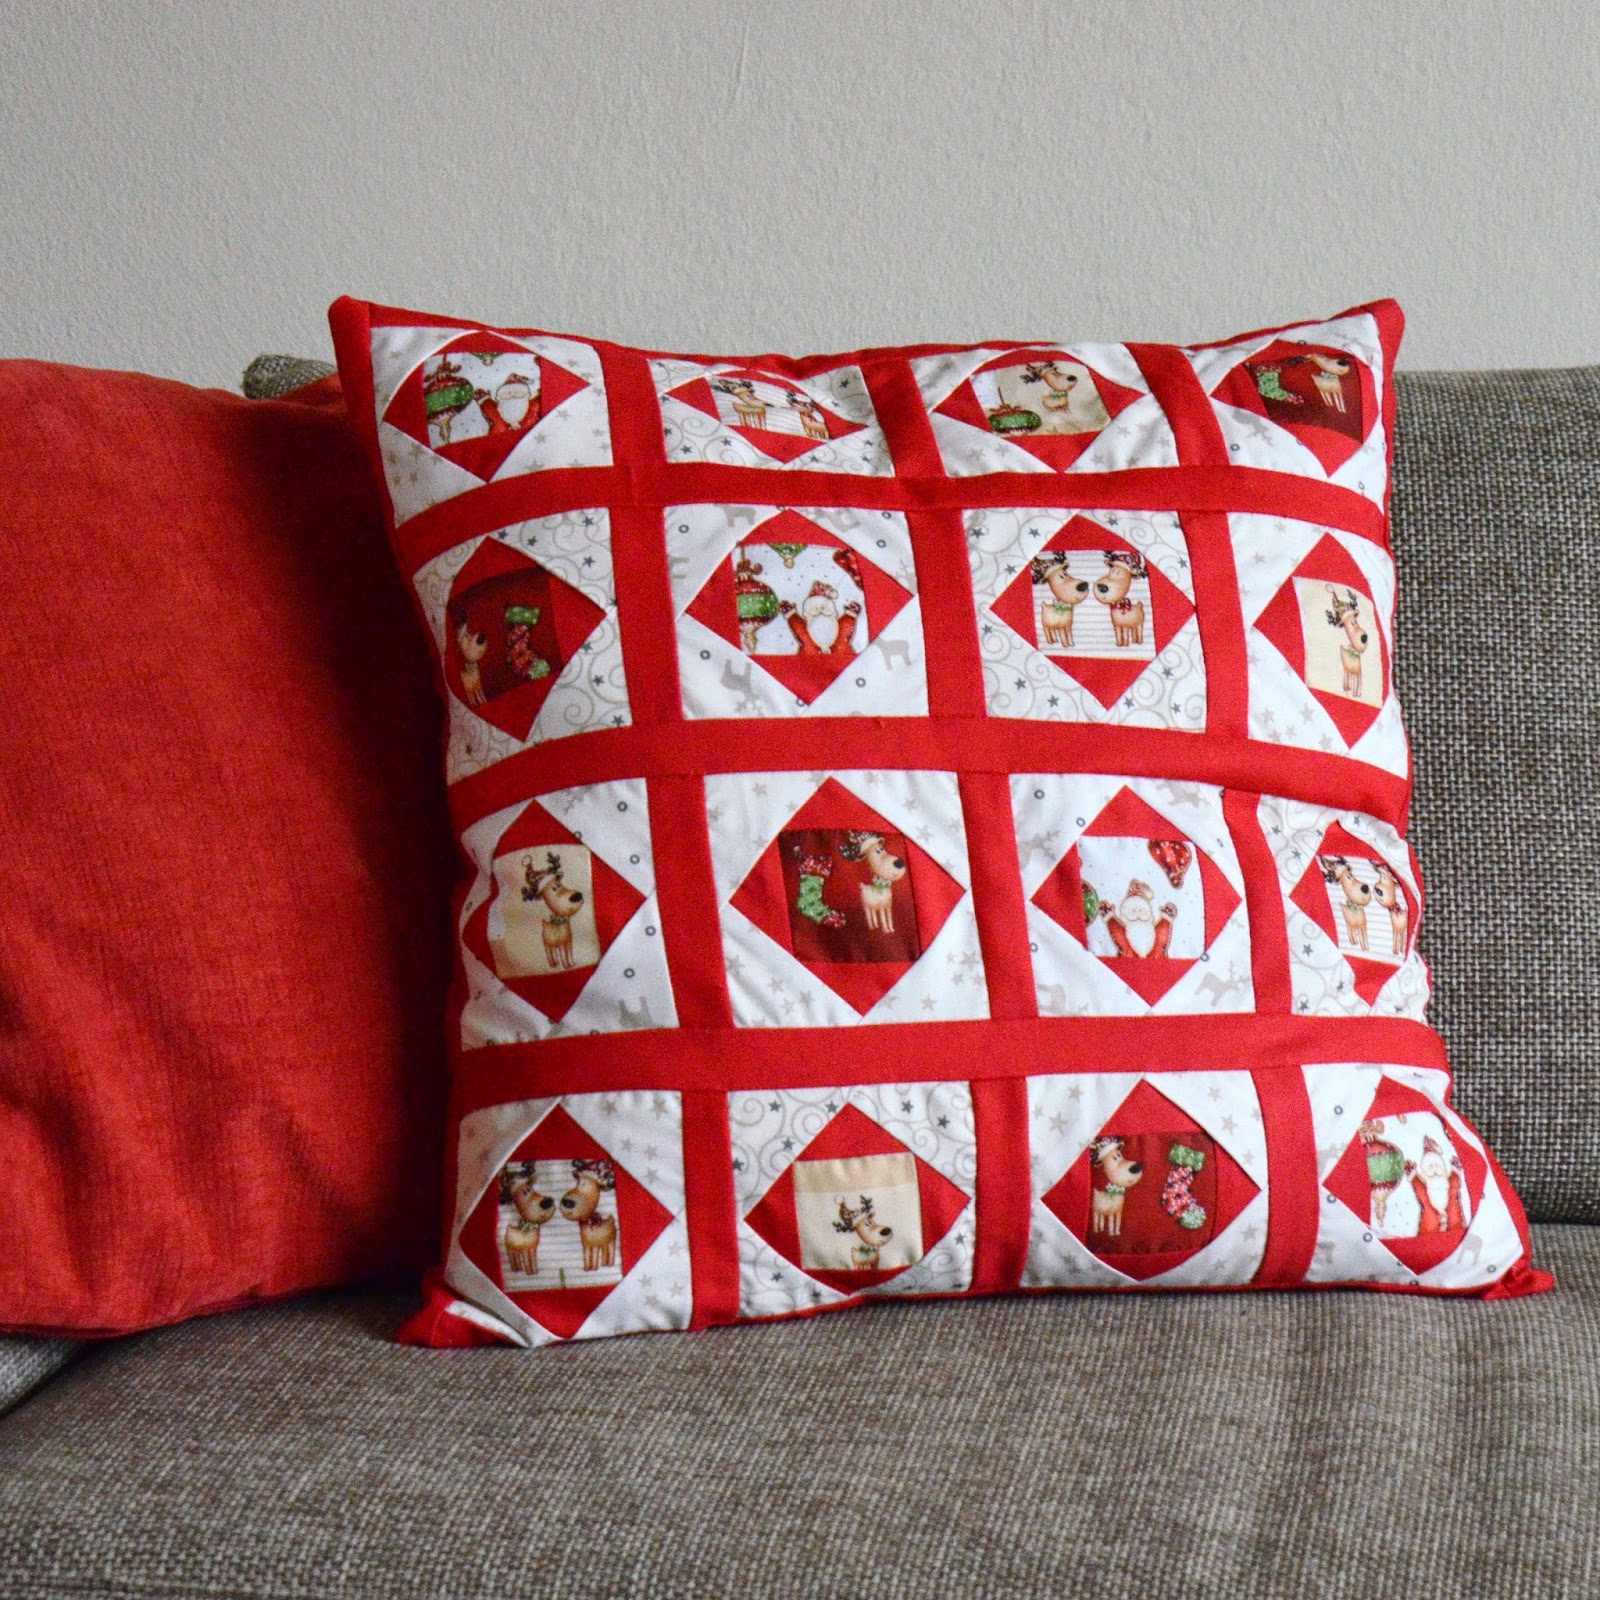 samari design weihnachtliches patchwork kissen. Black Bedroom Furniture Sets. Home Design Ideas